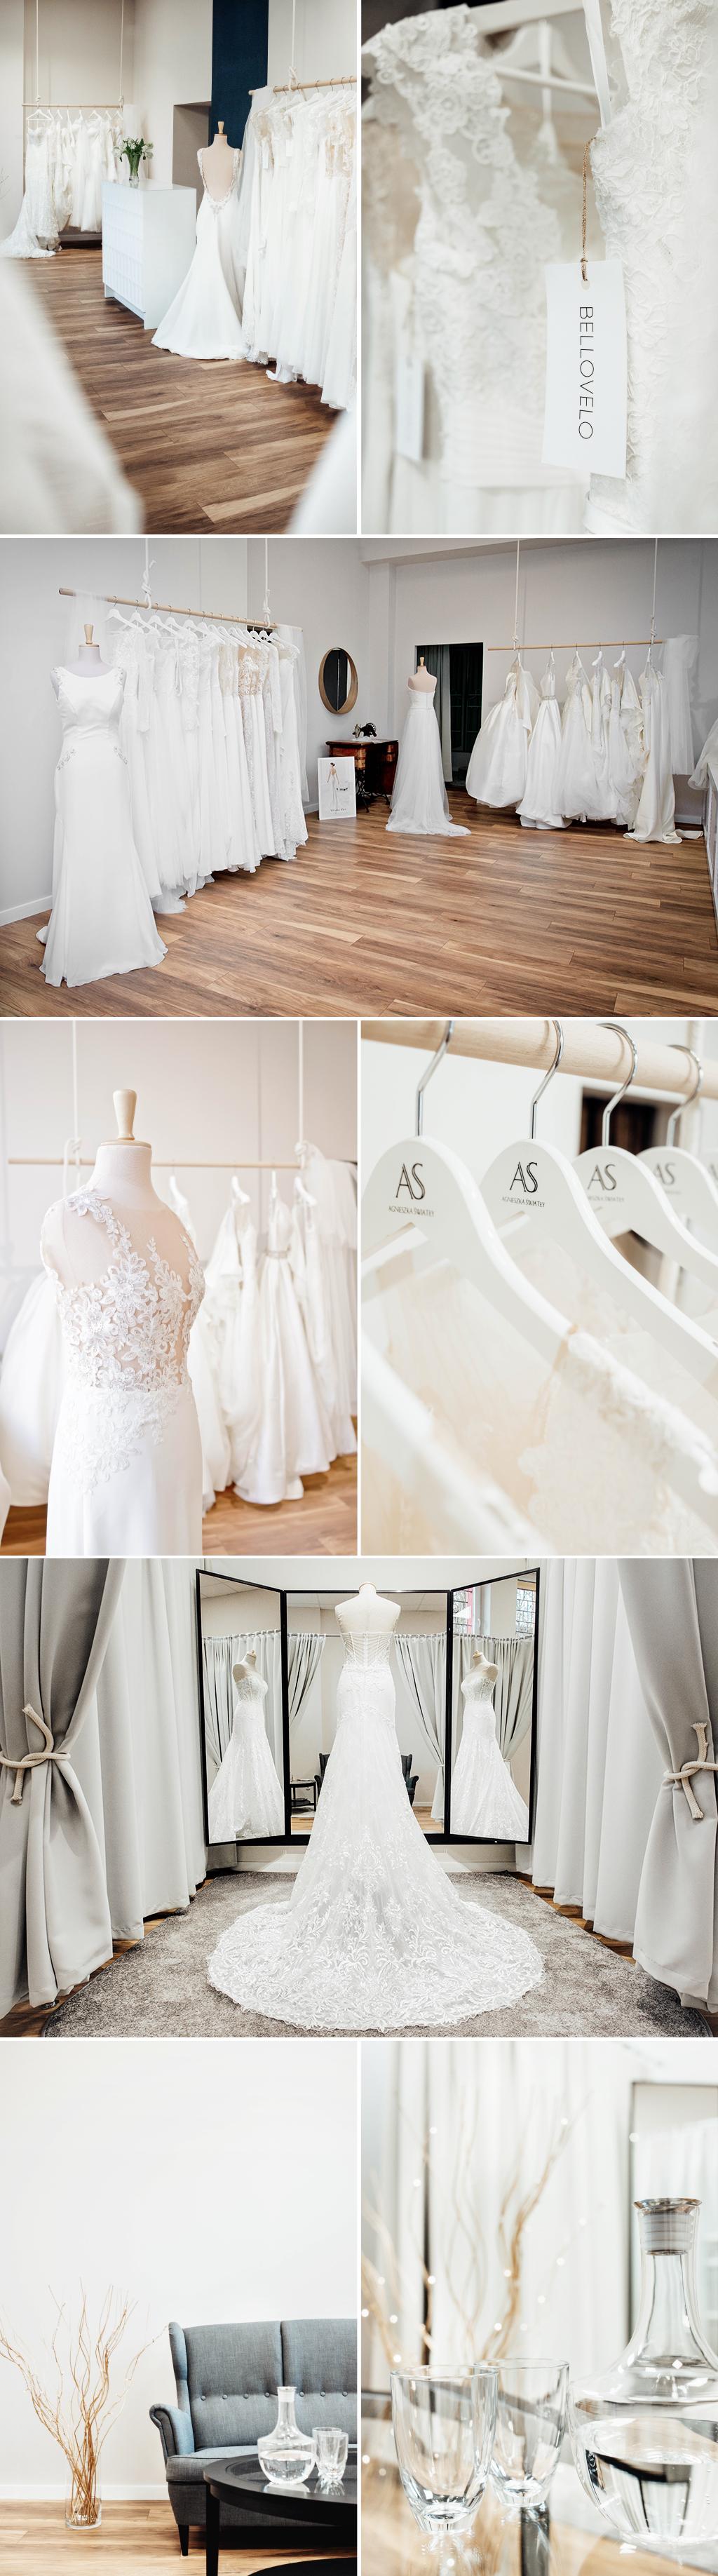 dca2cf6d5f Czy stworzyłyśmy najlepszy salon sukni ślubnych w Krakowie  Mamy nadzieję